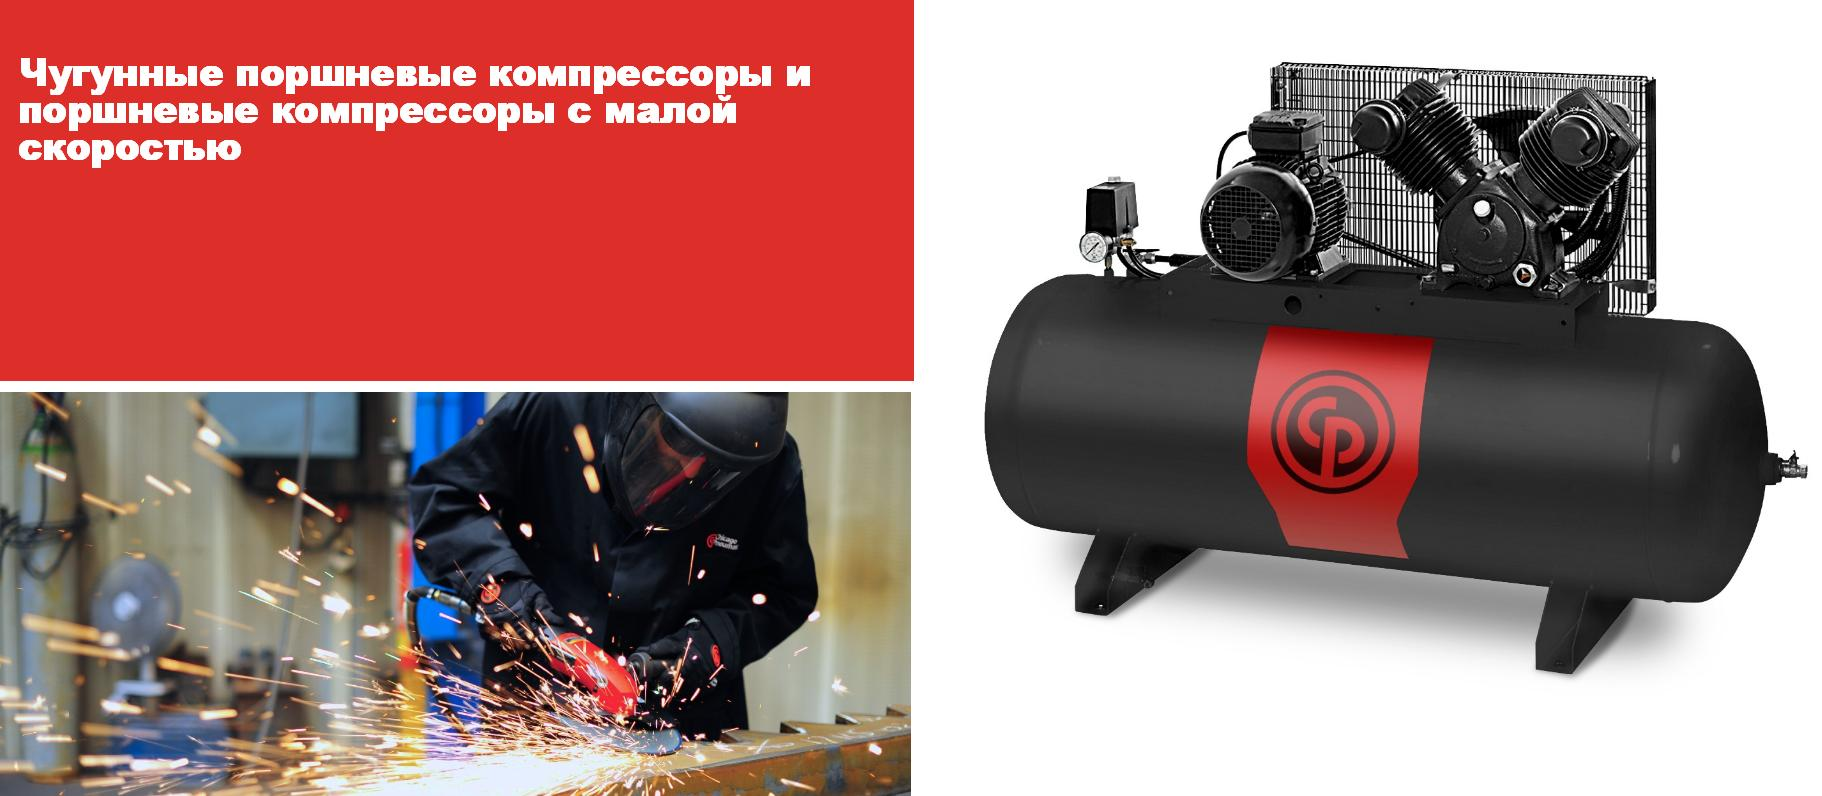 Поршневые компрессоры CPRK